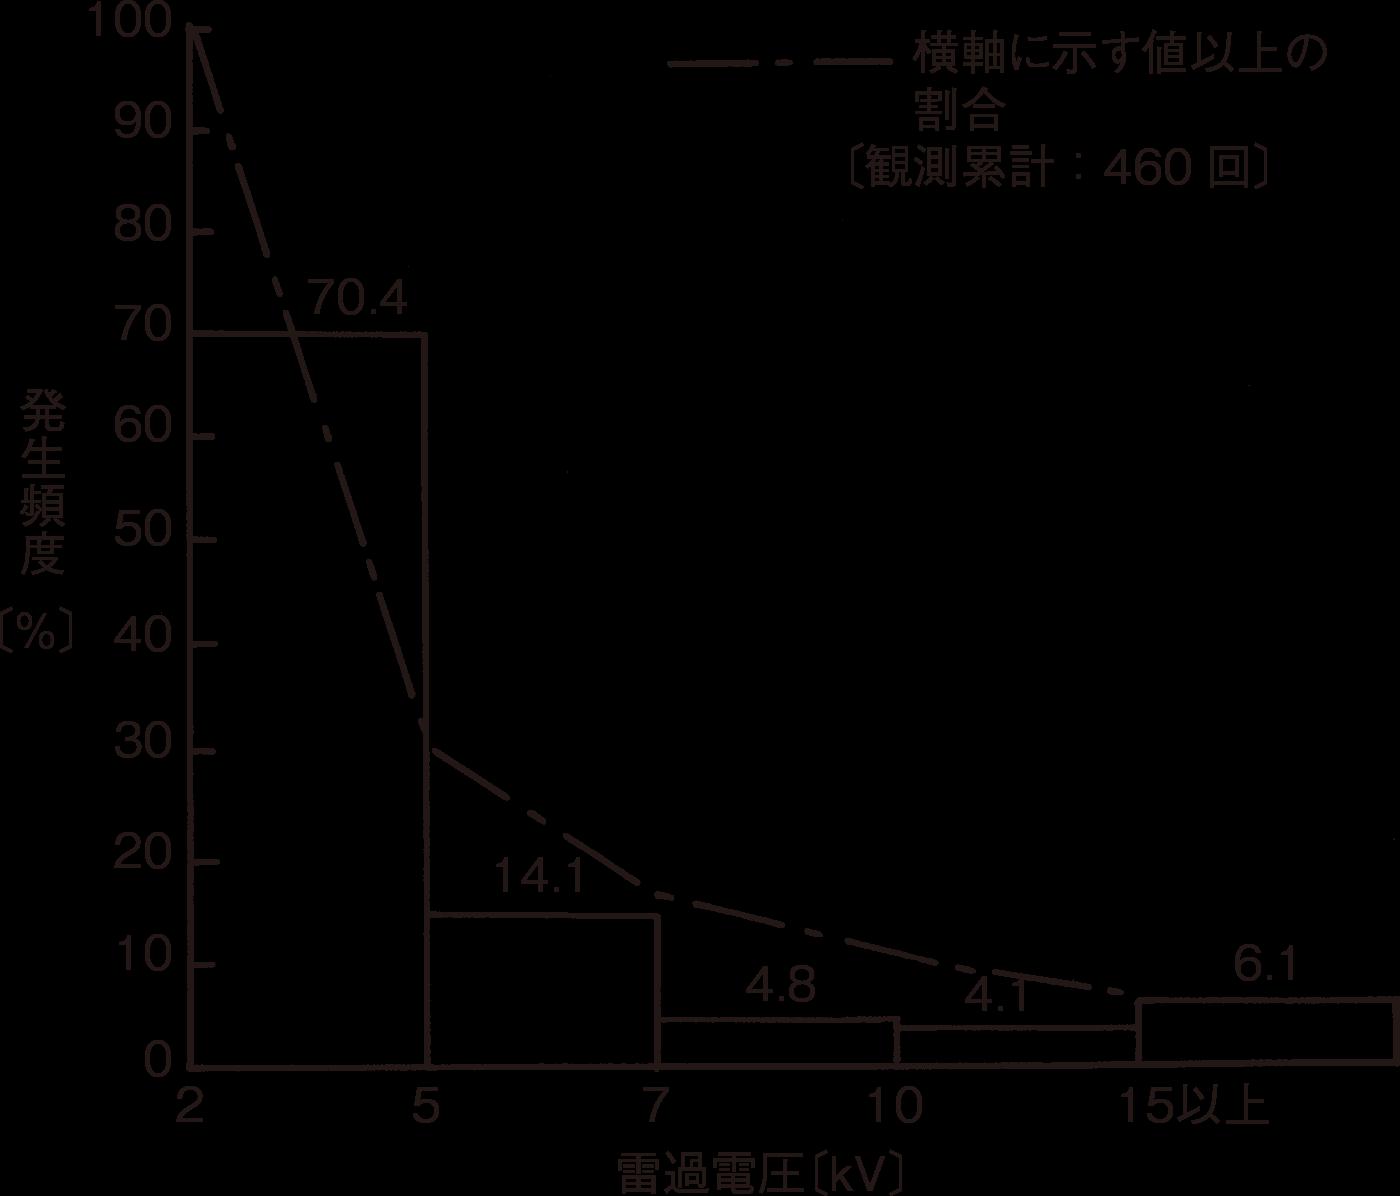 図7 低圧配電線路の誘導電圧観測結果